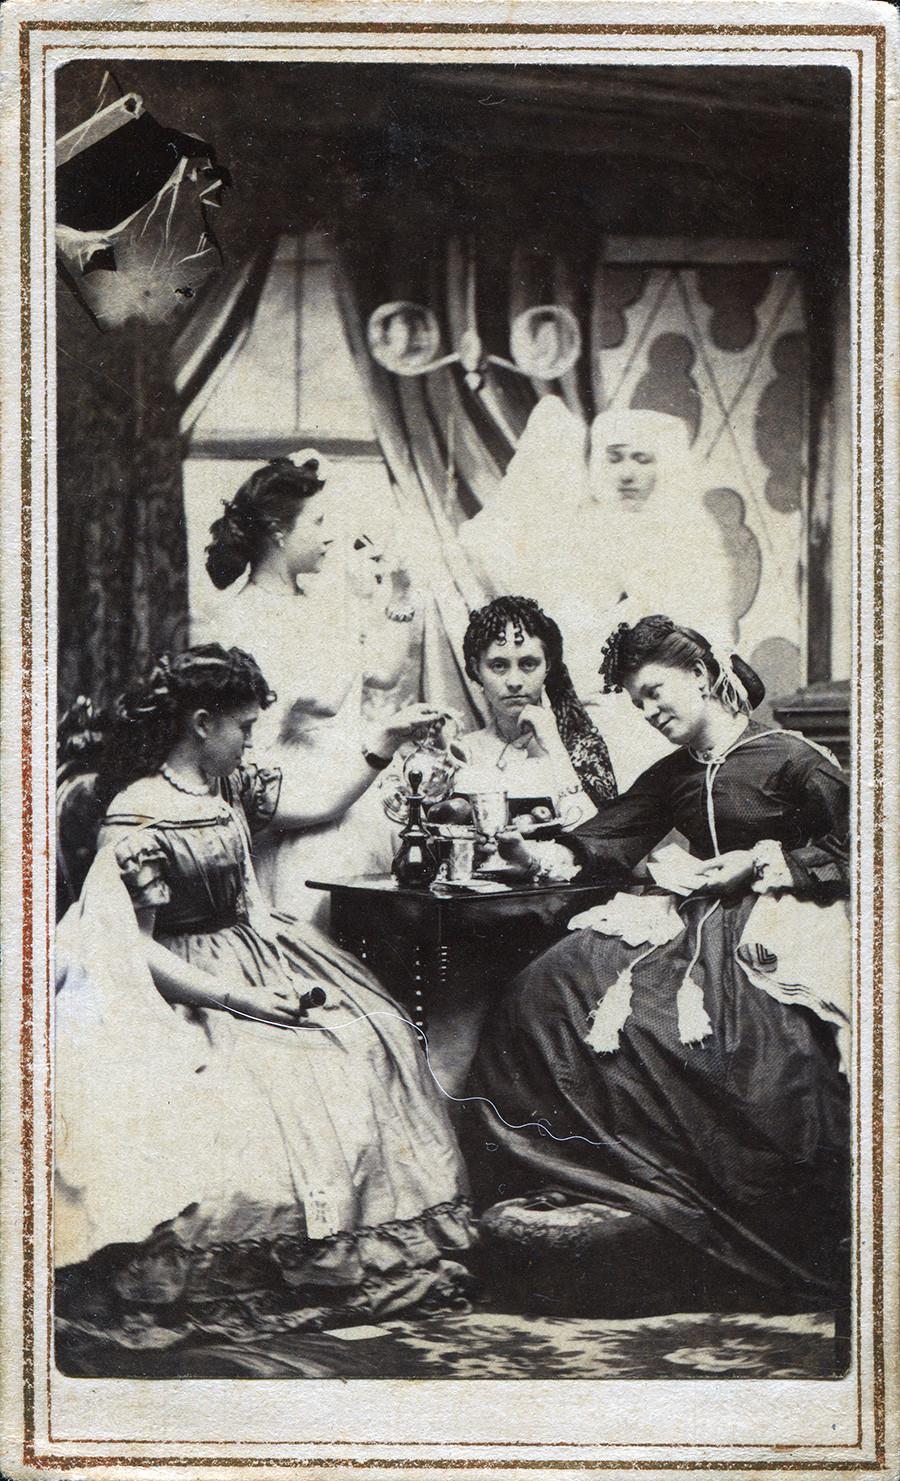 Фотография на група млади жени, срещащи се в салон; призрачна фигура на заден план, Лоувил, Ню Йорк, около 1860 година.